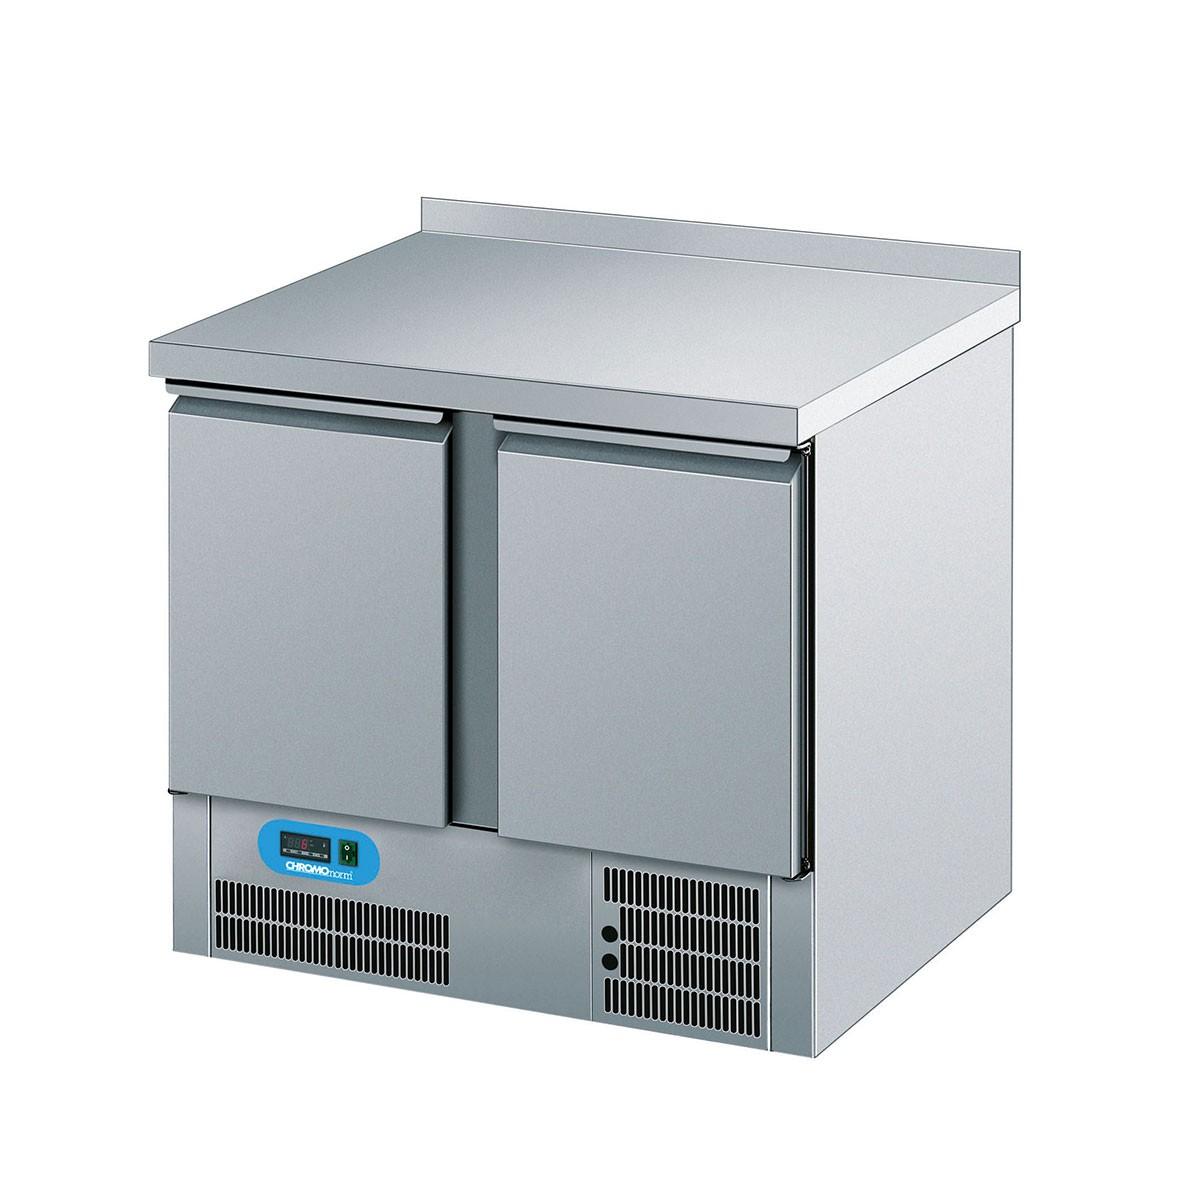 Chromonorm Kühltisch mit 2 Flügeltüren 950 x 700 CKTT07950CEV